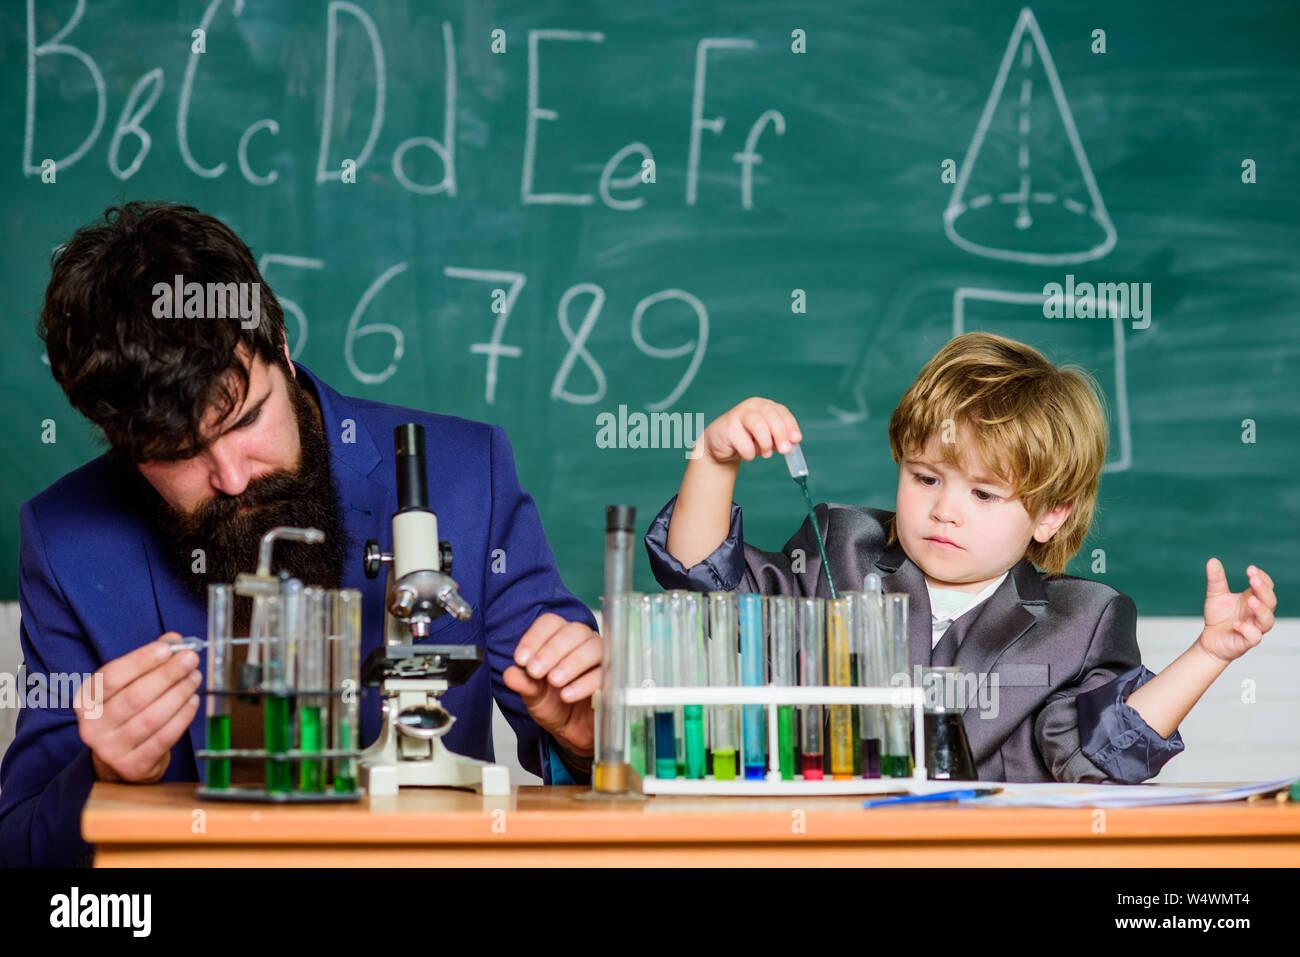 El conocimiento es deliciosa. La escuela kid científico que estudia la ciencia. maestro Hombre con Little Boy. Al regresar a la escuela. El padre y el hijo en la escuela. Chiquillo aprender química en la escuela laboratorio. Foto de stock